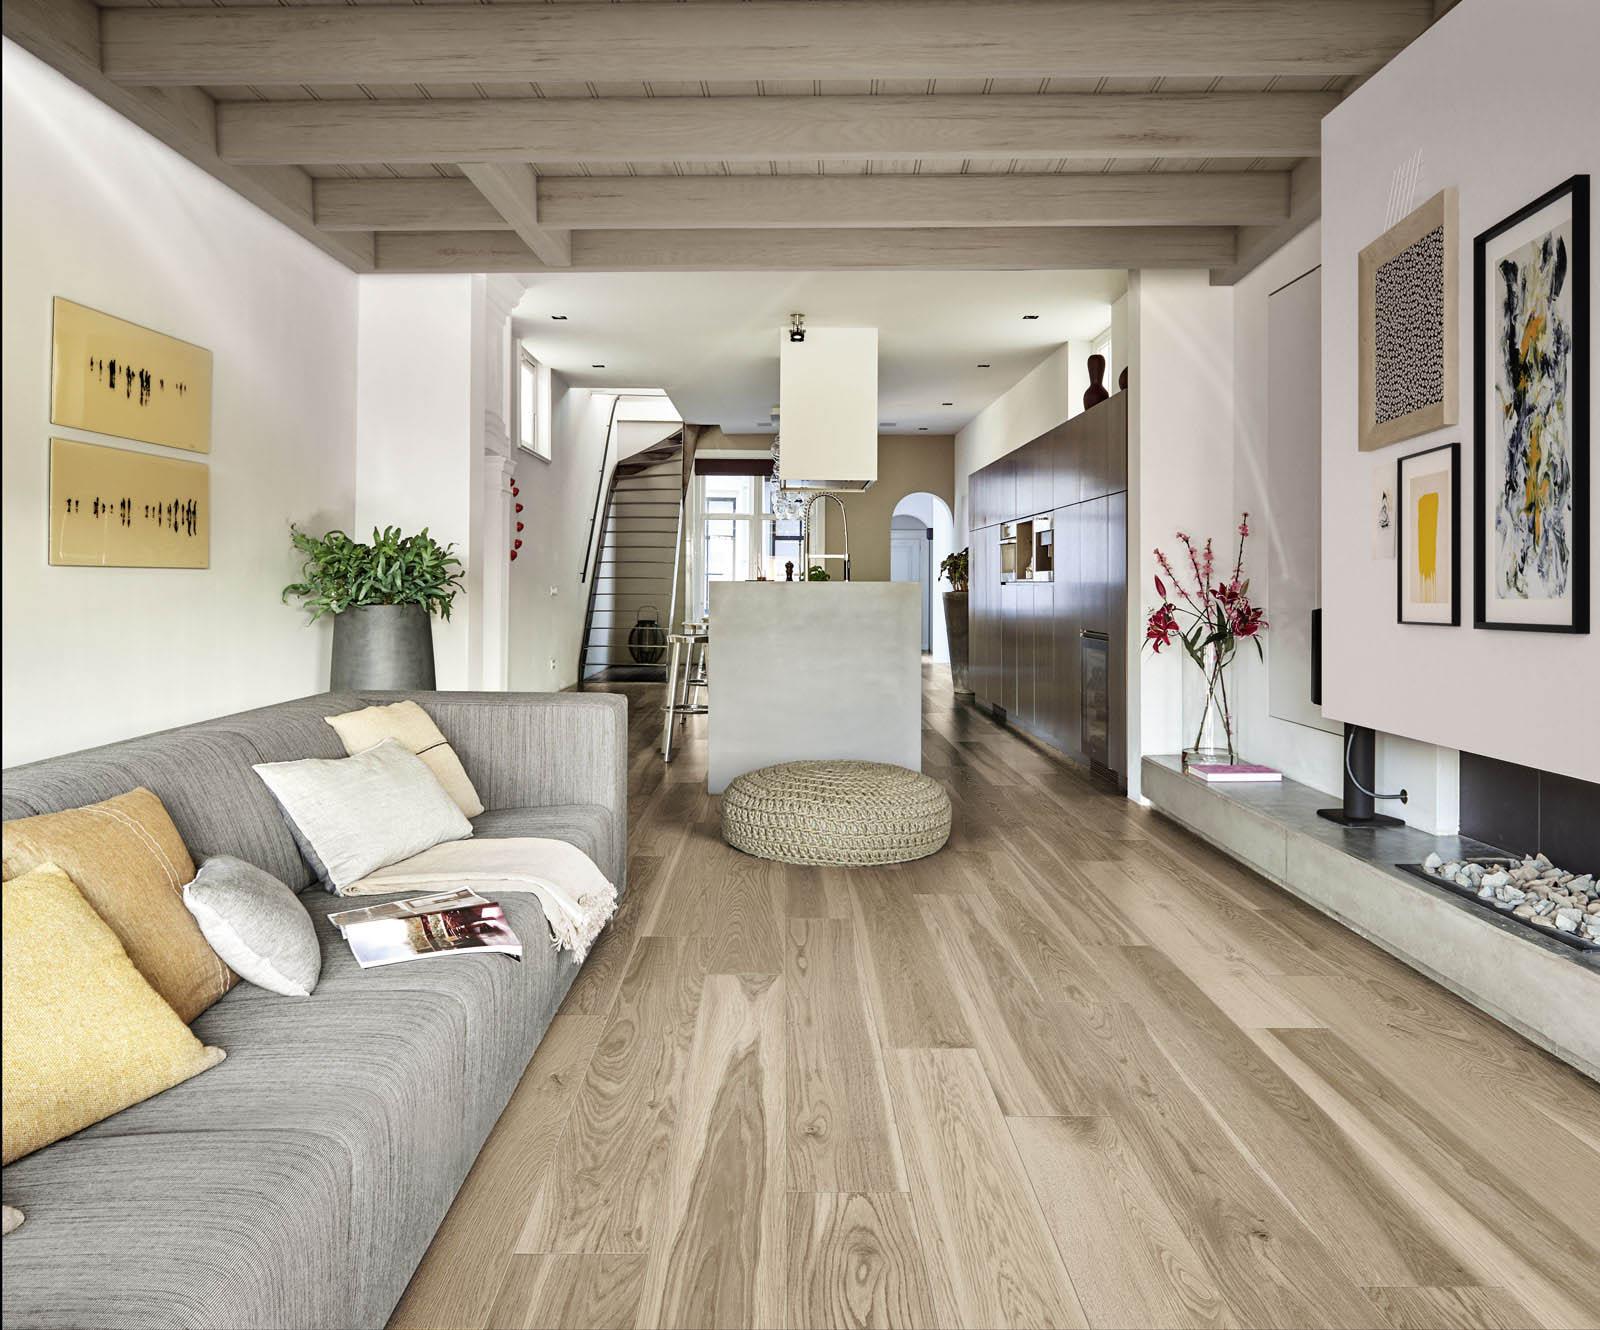 Treverkmore  gres effetto legno interno e esterno  Marazzi